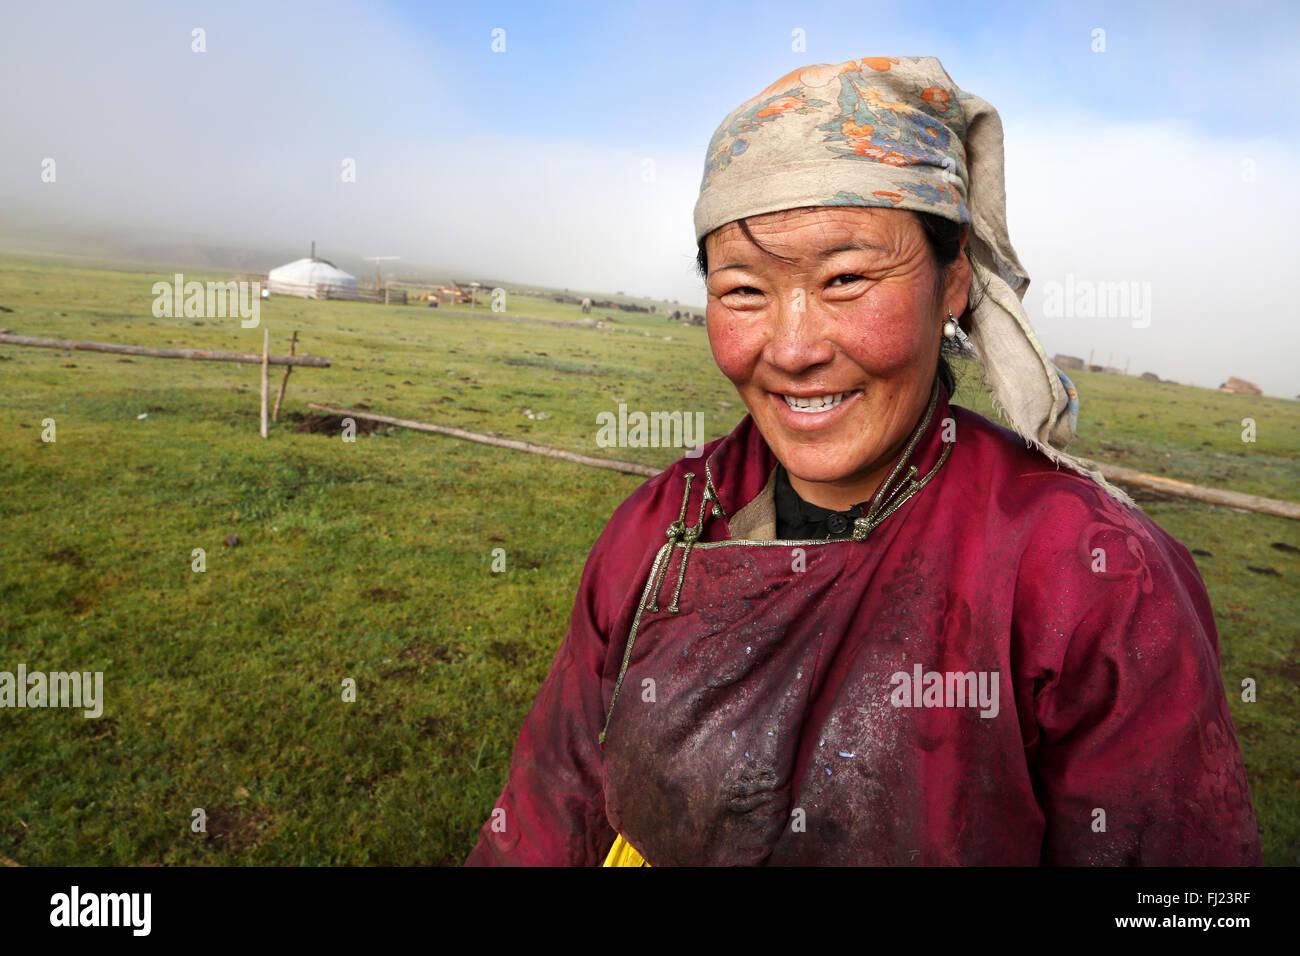 Portrait de femme Mongole avec robe costume traditionnel appelé 'deel' Photo Stock